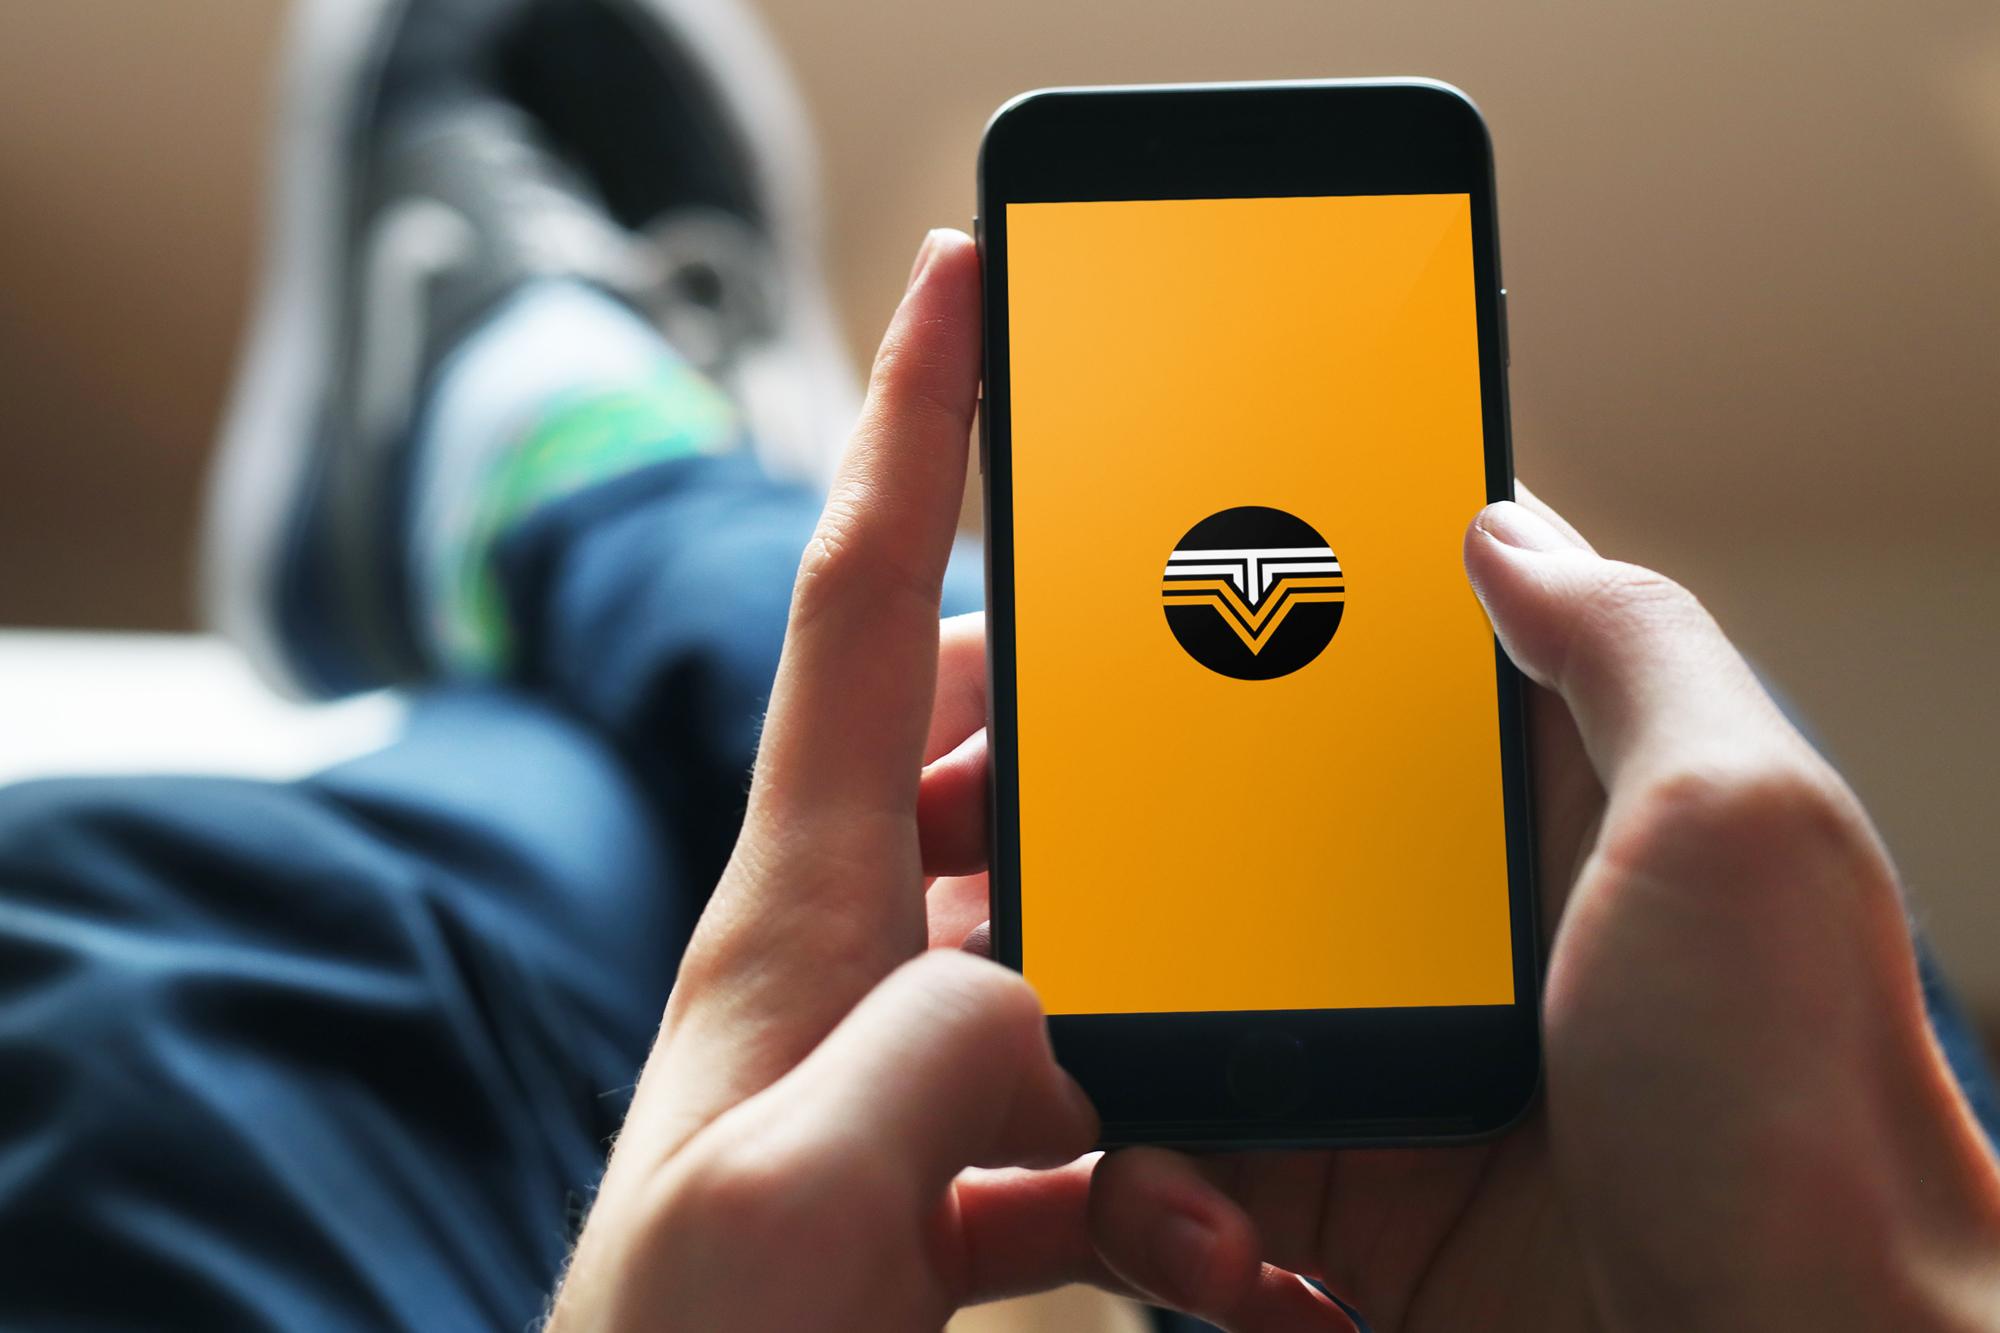 Разработка логотипа и фирменного стиля для такси фото f_7075b9e7ede38929.jpg